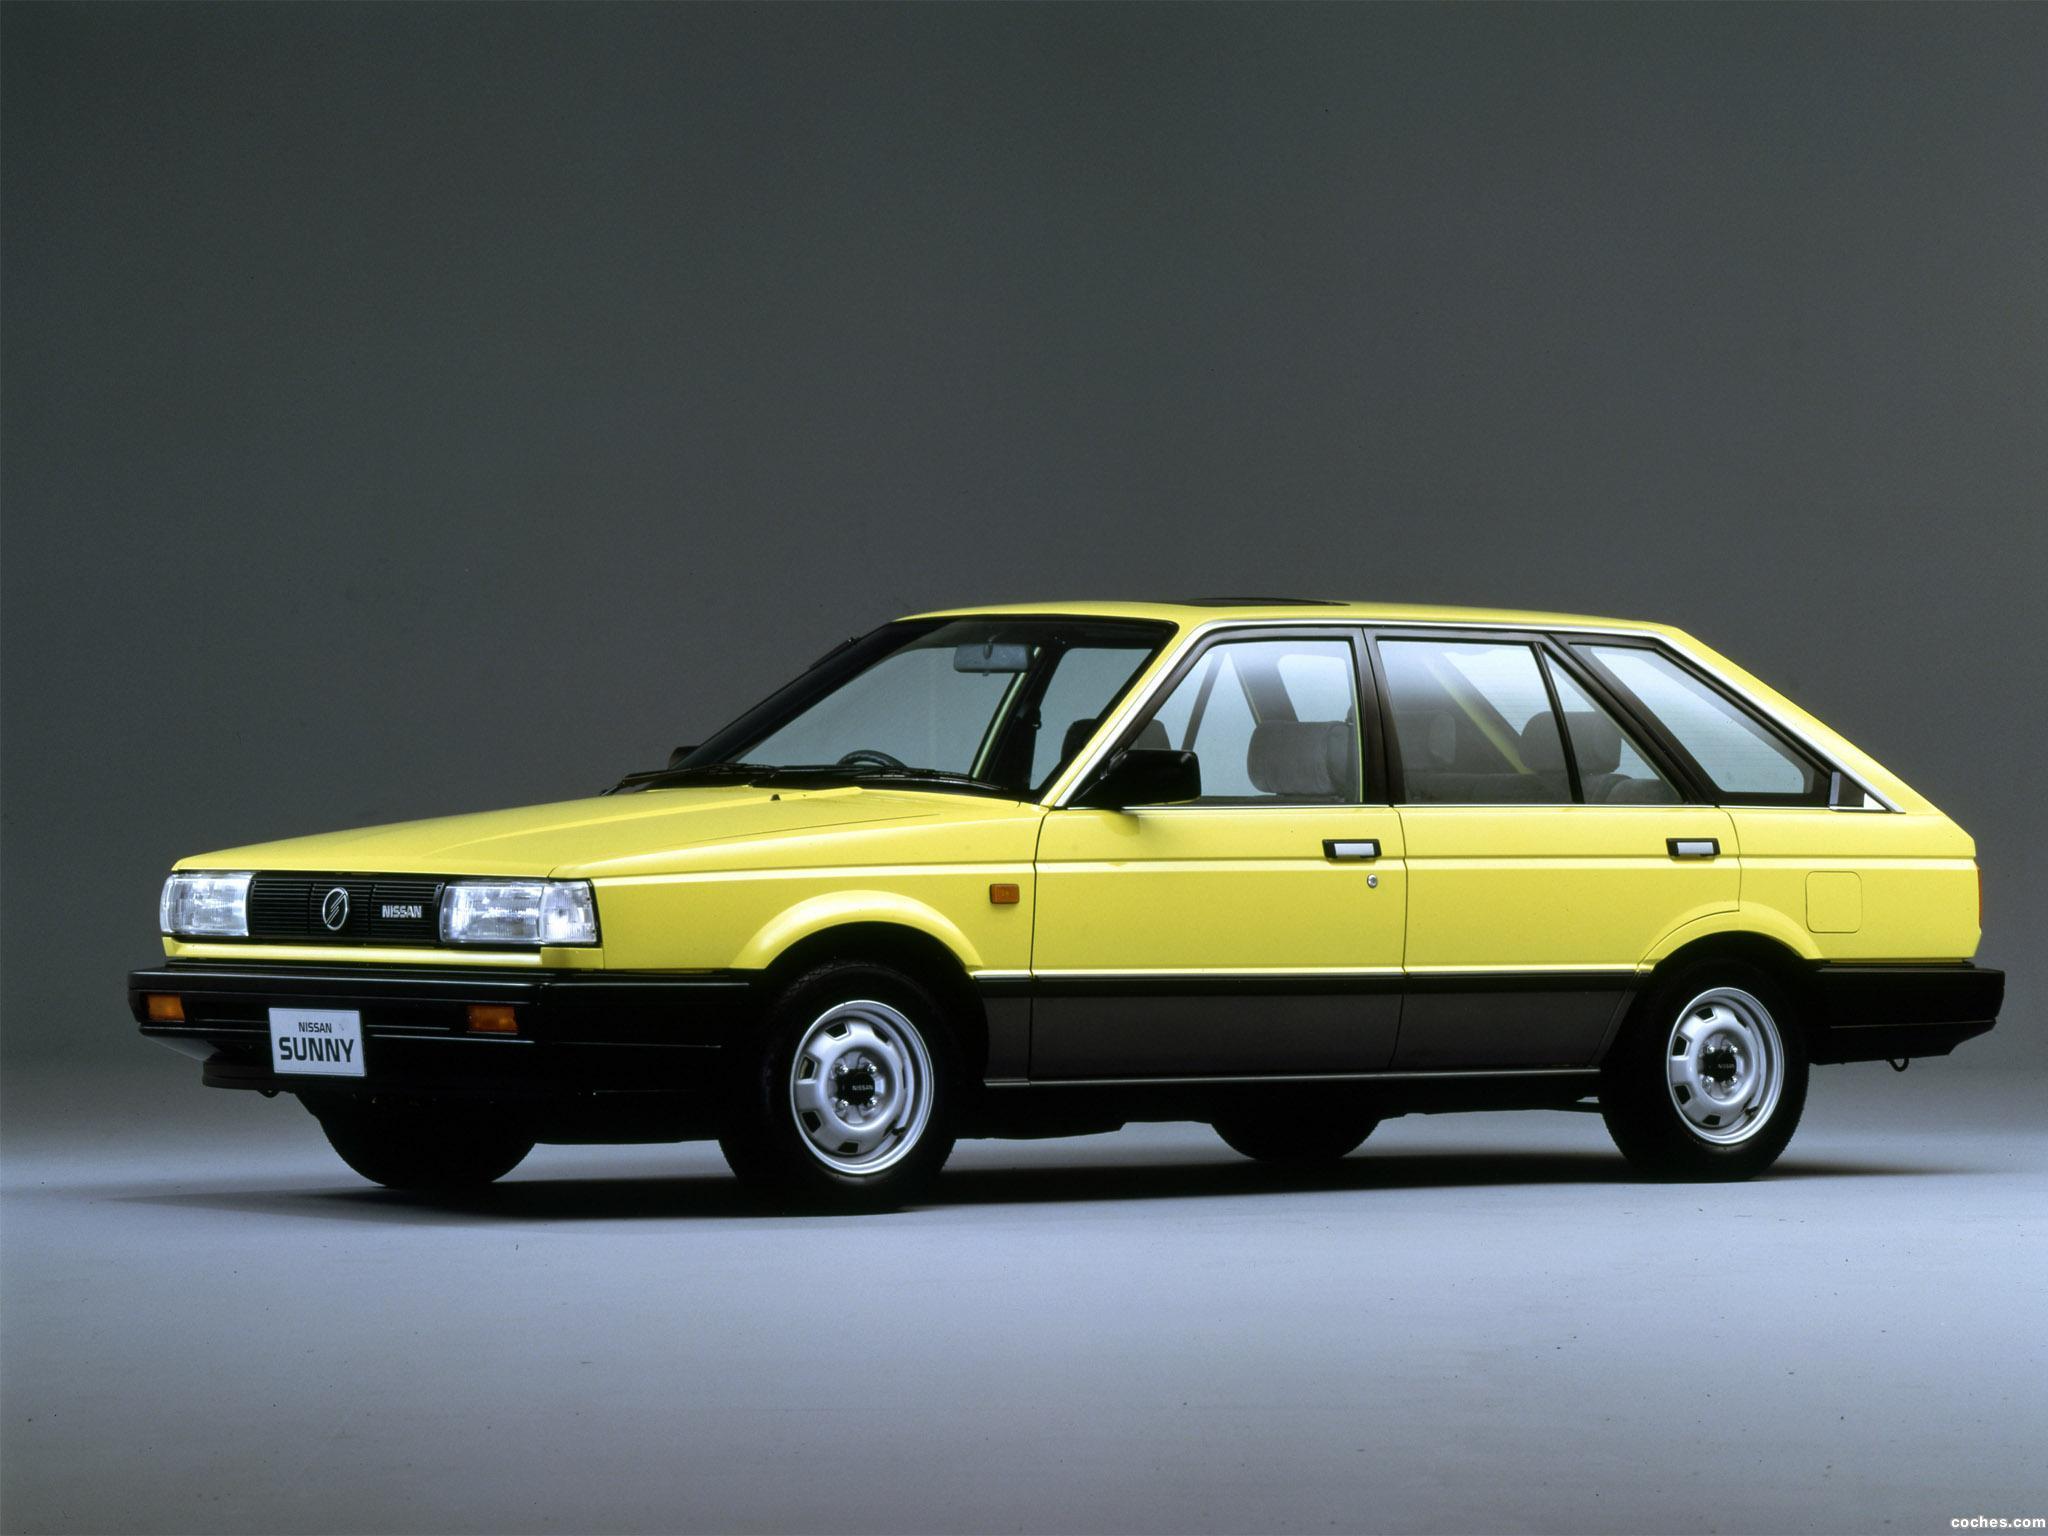 Foto 0 de Nissan Sunny California 1.5 SGL B12 1985